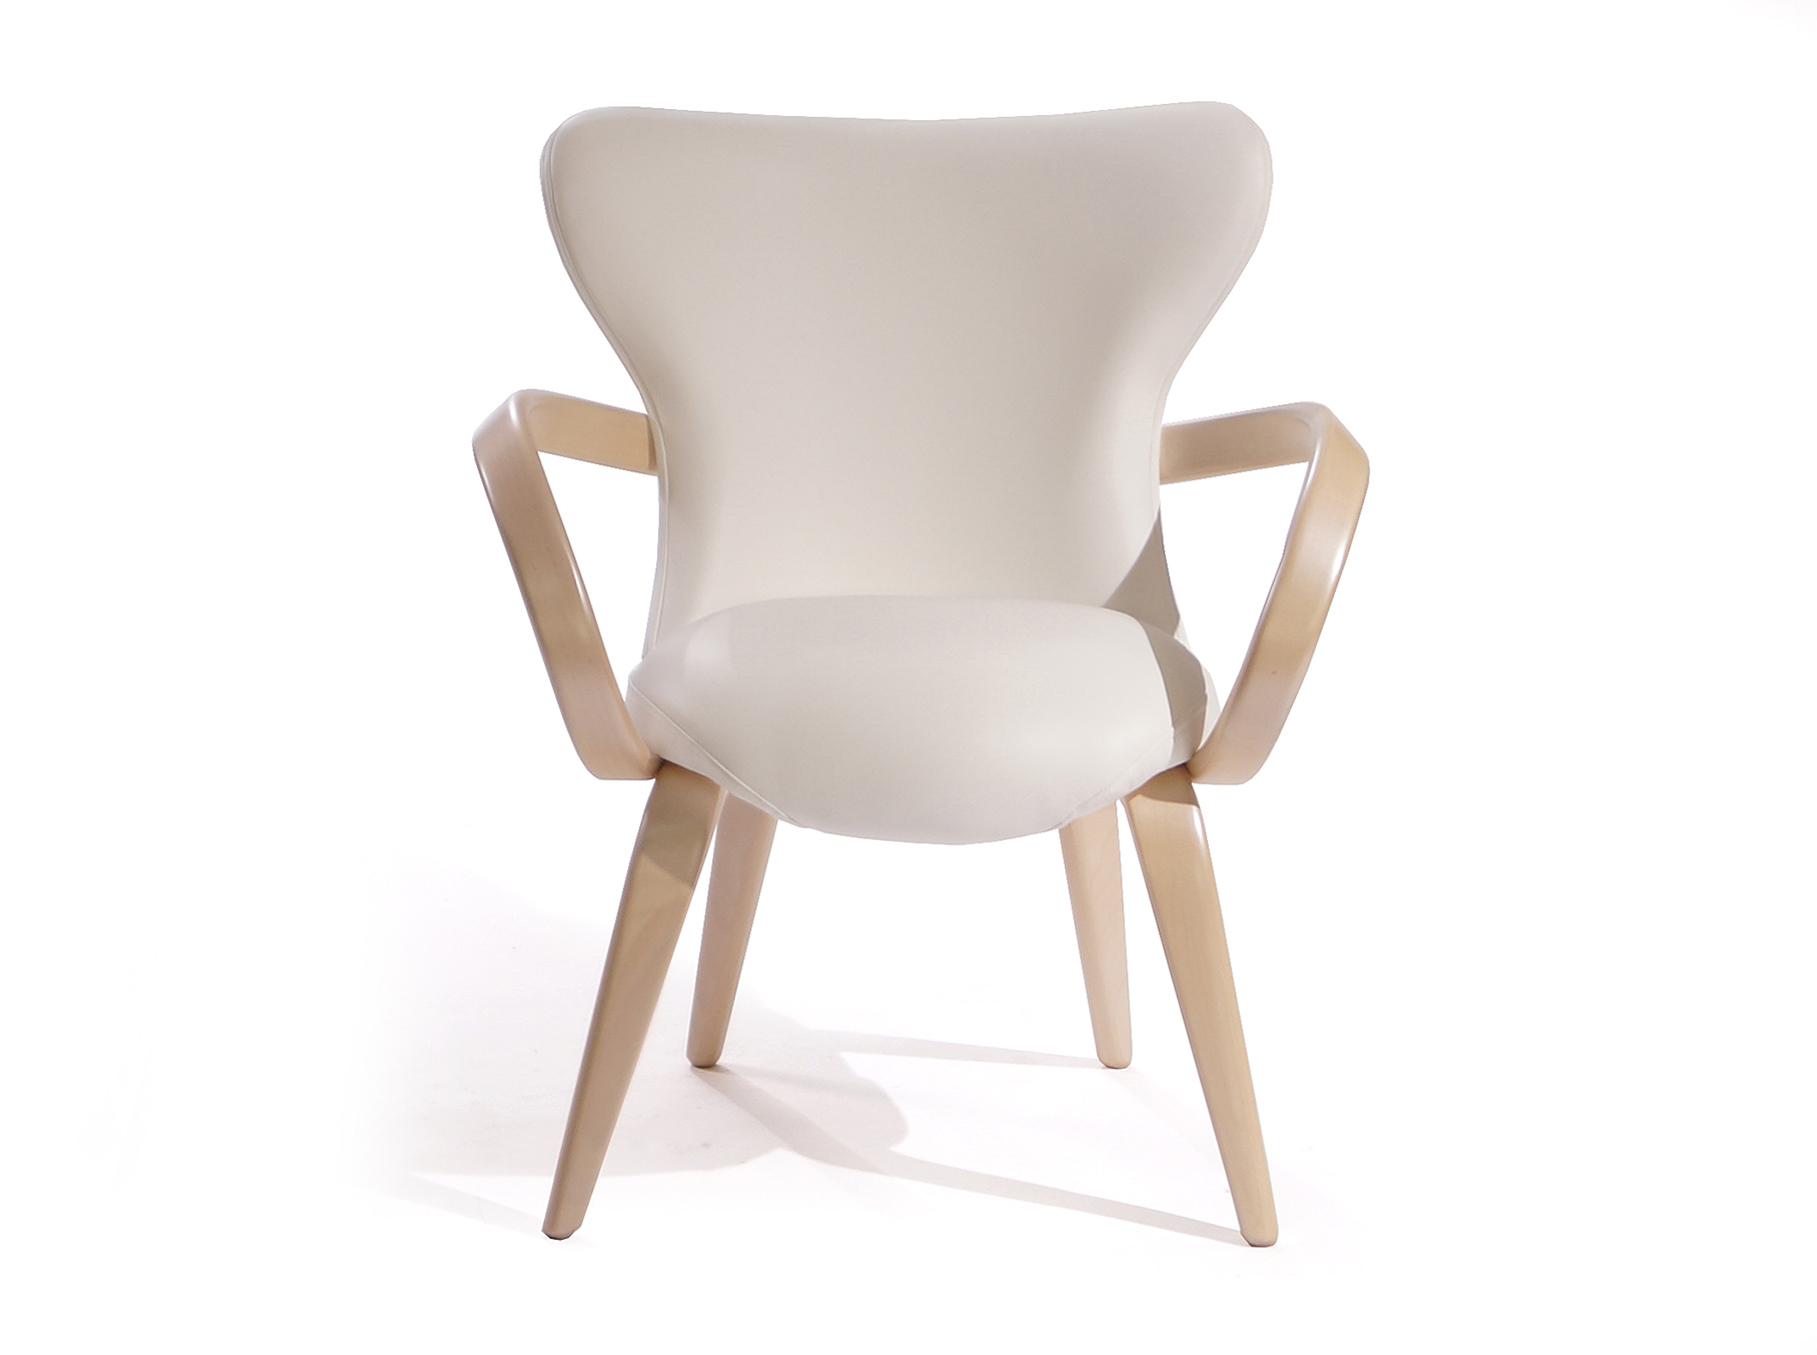 Стул Apriori SПолукресла<br>&amp;lt;div&amp;gt;Изящный стул с подлокотниками из гнутого дерева. При сохранении визуальной легкости стул остается прочный и удобный. Хорошо сочетается с круглыми столами серии apriori.&amp;amp;nbsp;&amp;lt;/div&amp;gt;&amp;lt;div&amp;gt;&amp;lt;br&amp;gt;&amp;lt;/div&amp;gt;&amp;lt;div&amp;gt;Материал: натуральное дерево, береза.&amp;lt;/div&amp;gt;&amp;lt;div&amp;gt;Обивка: износостойкая экокожа arpatec.&amp;lt;/div&amp;gt;<br><br>Material: Кожа<br>Length см: None<br>Width см: 62<br>Depth см: 75<br>Height см: 85